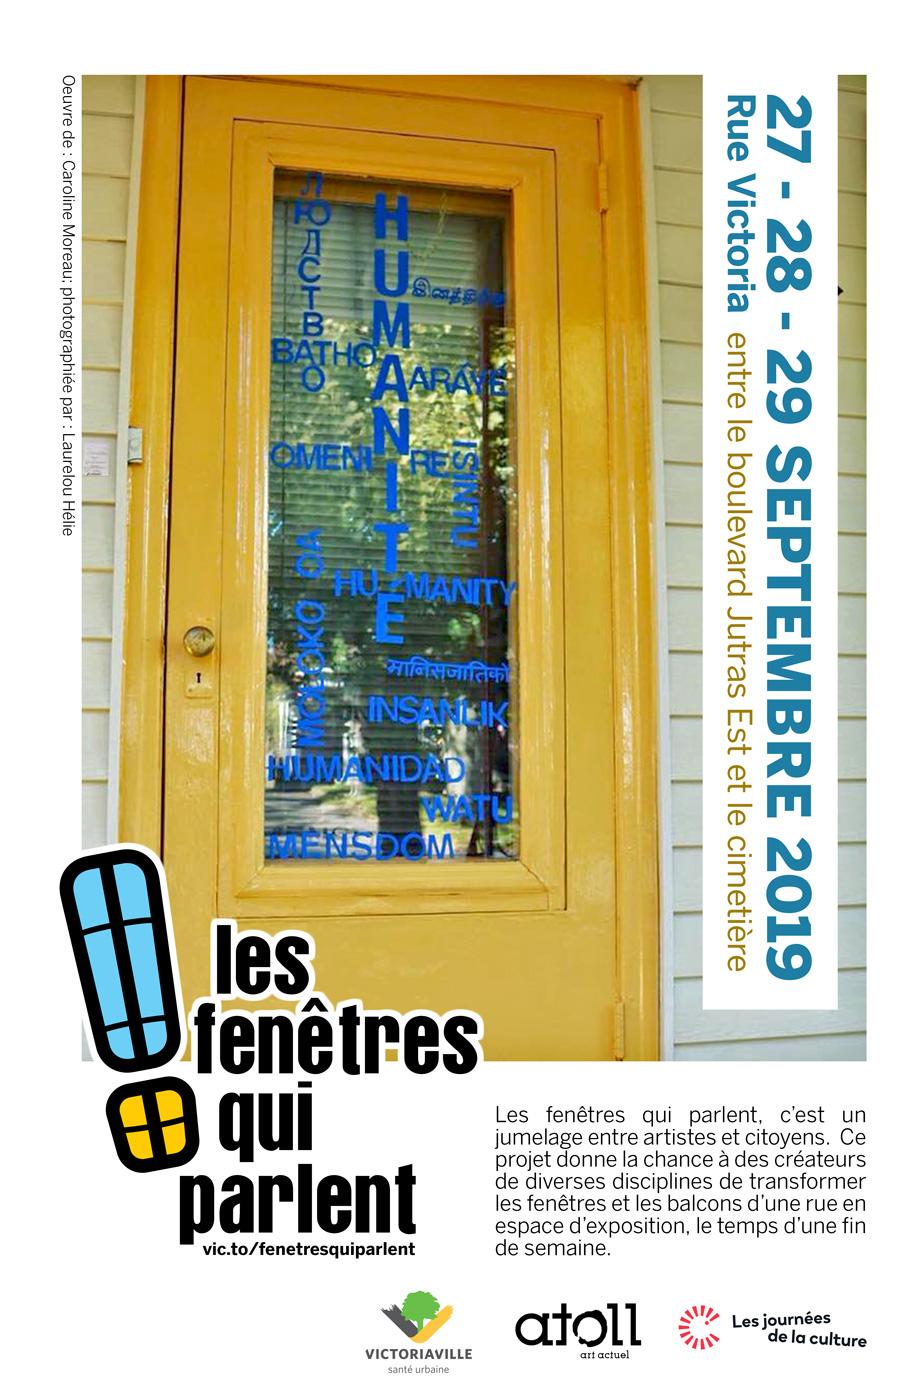 Exposition: Les fenêtres qui parlent